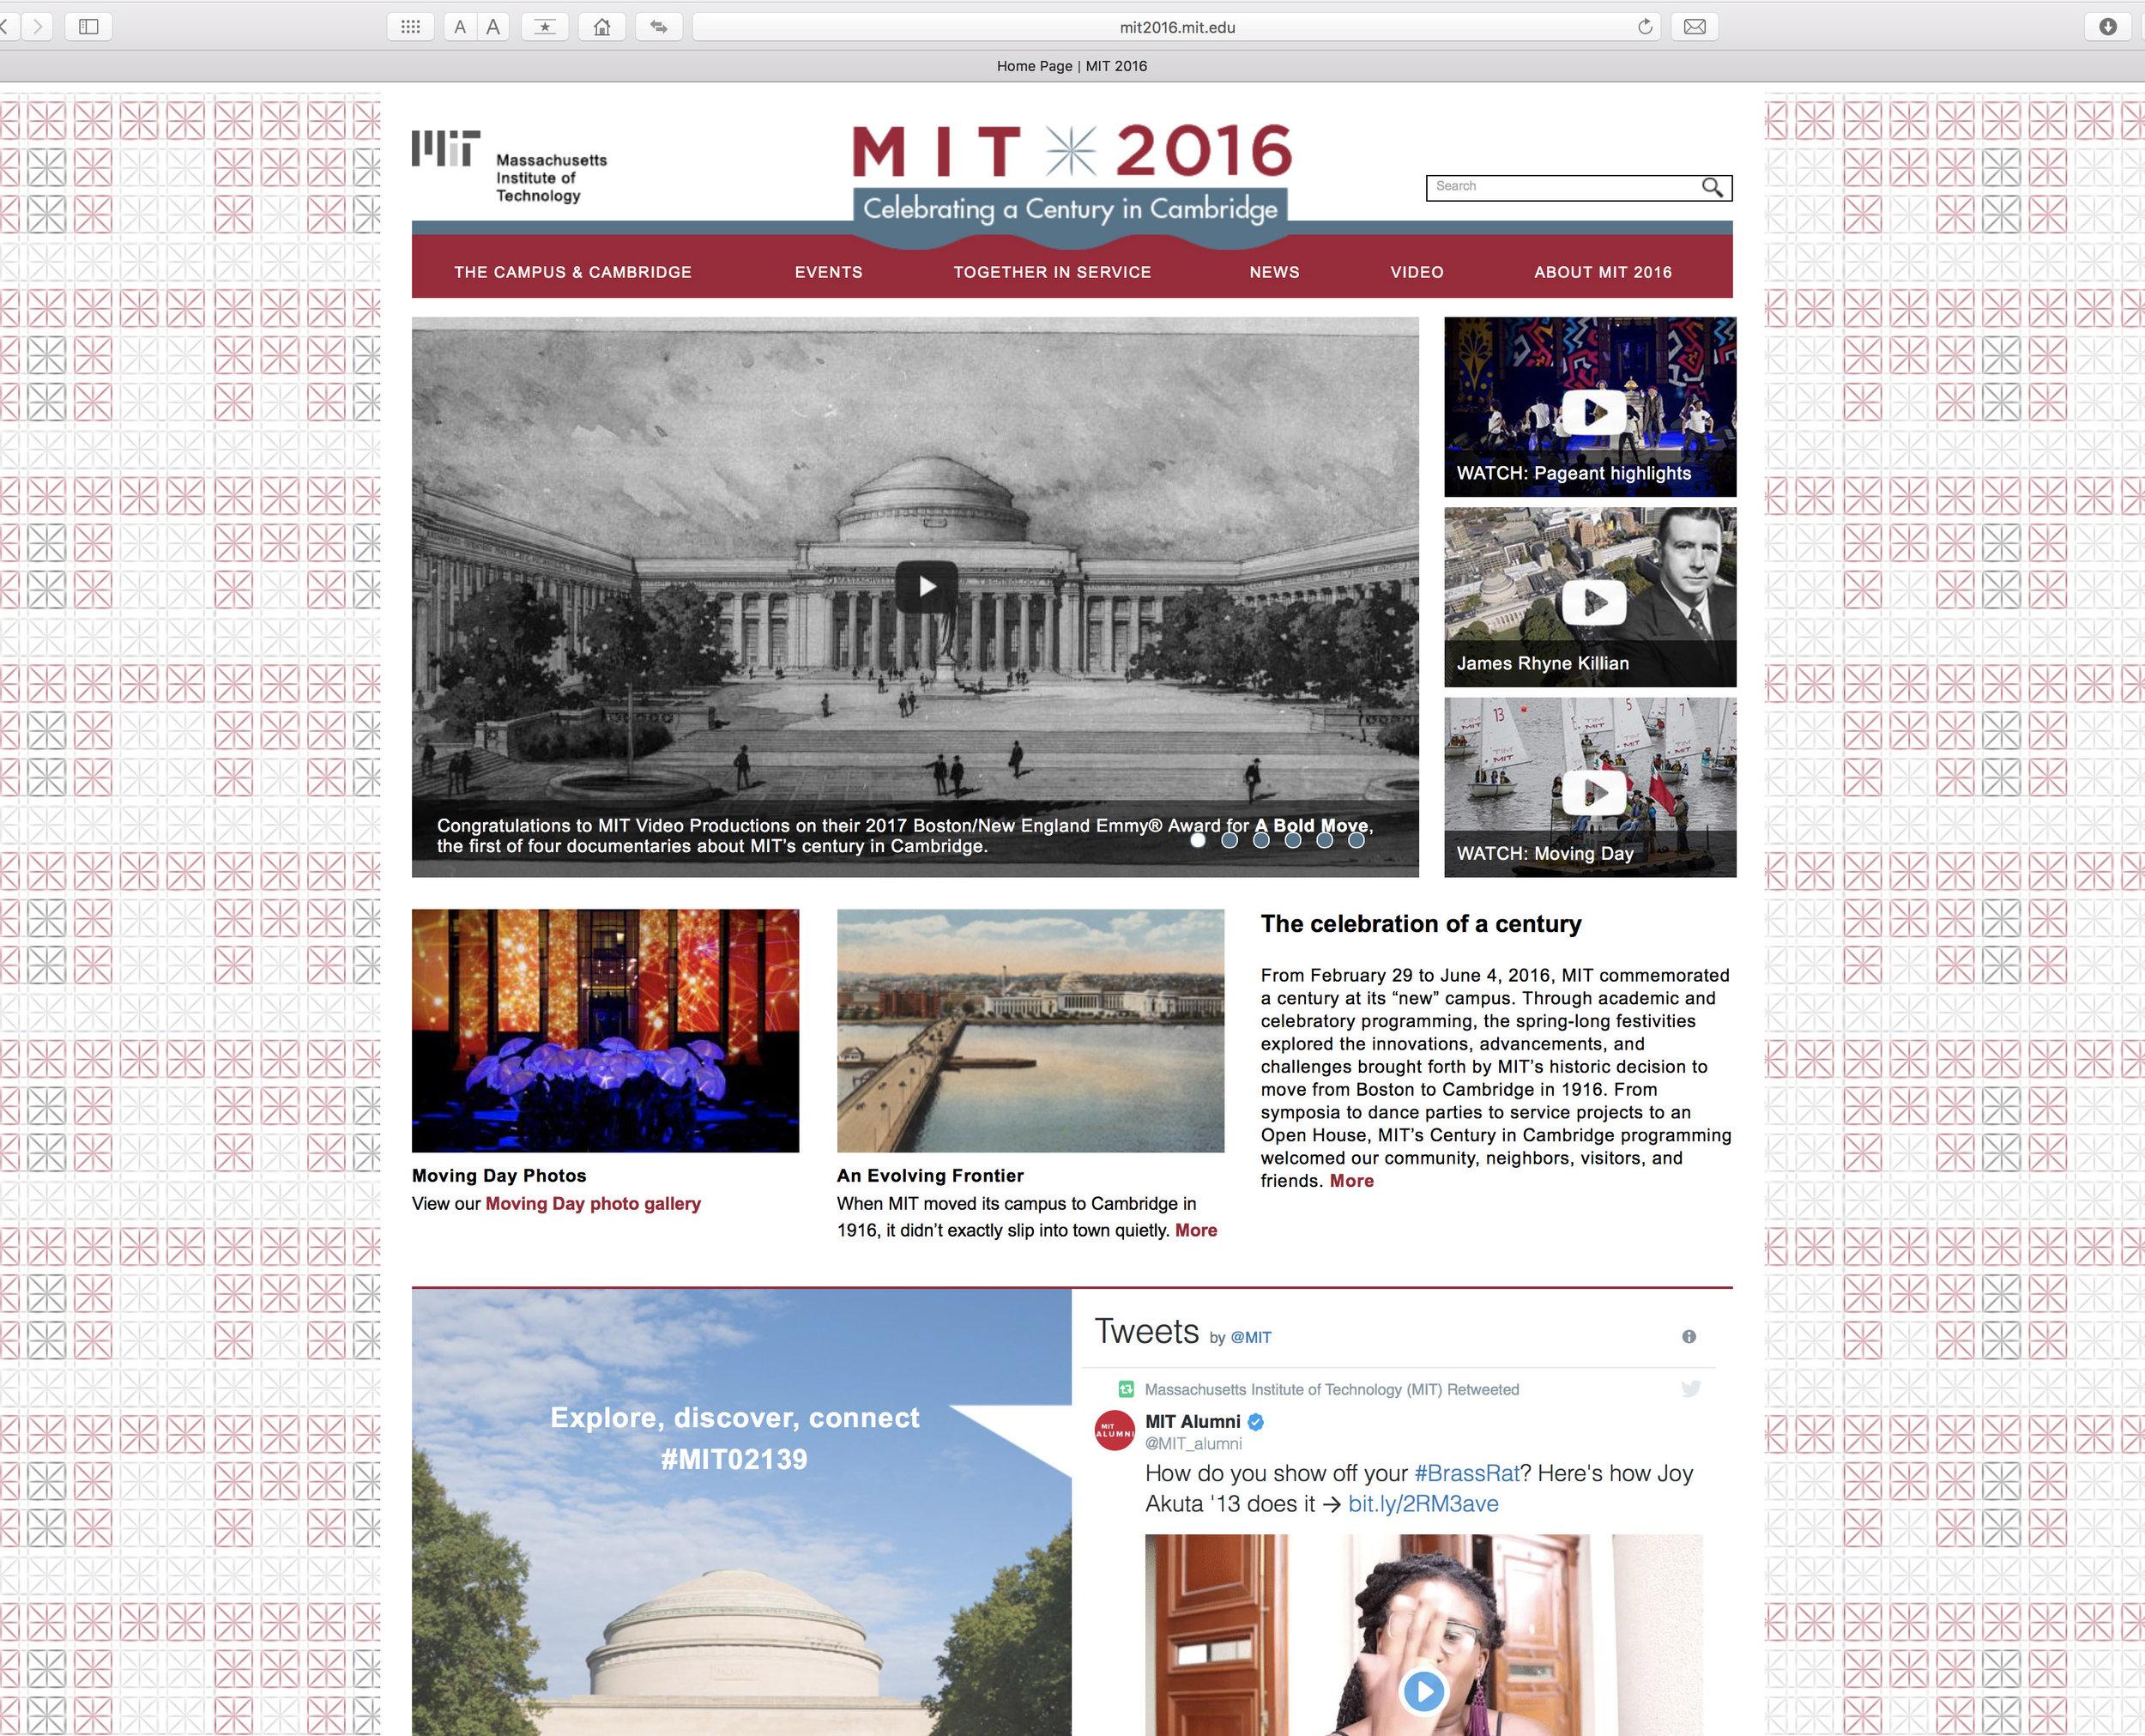 MIT 2016 website